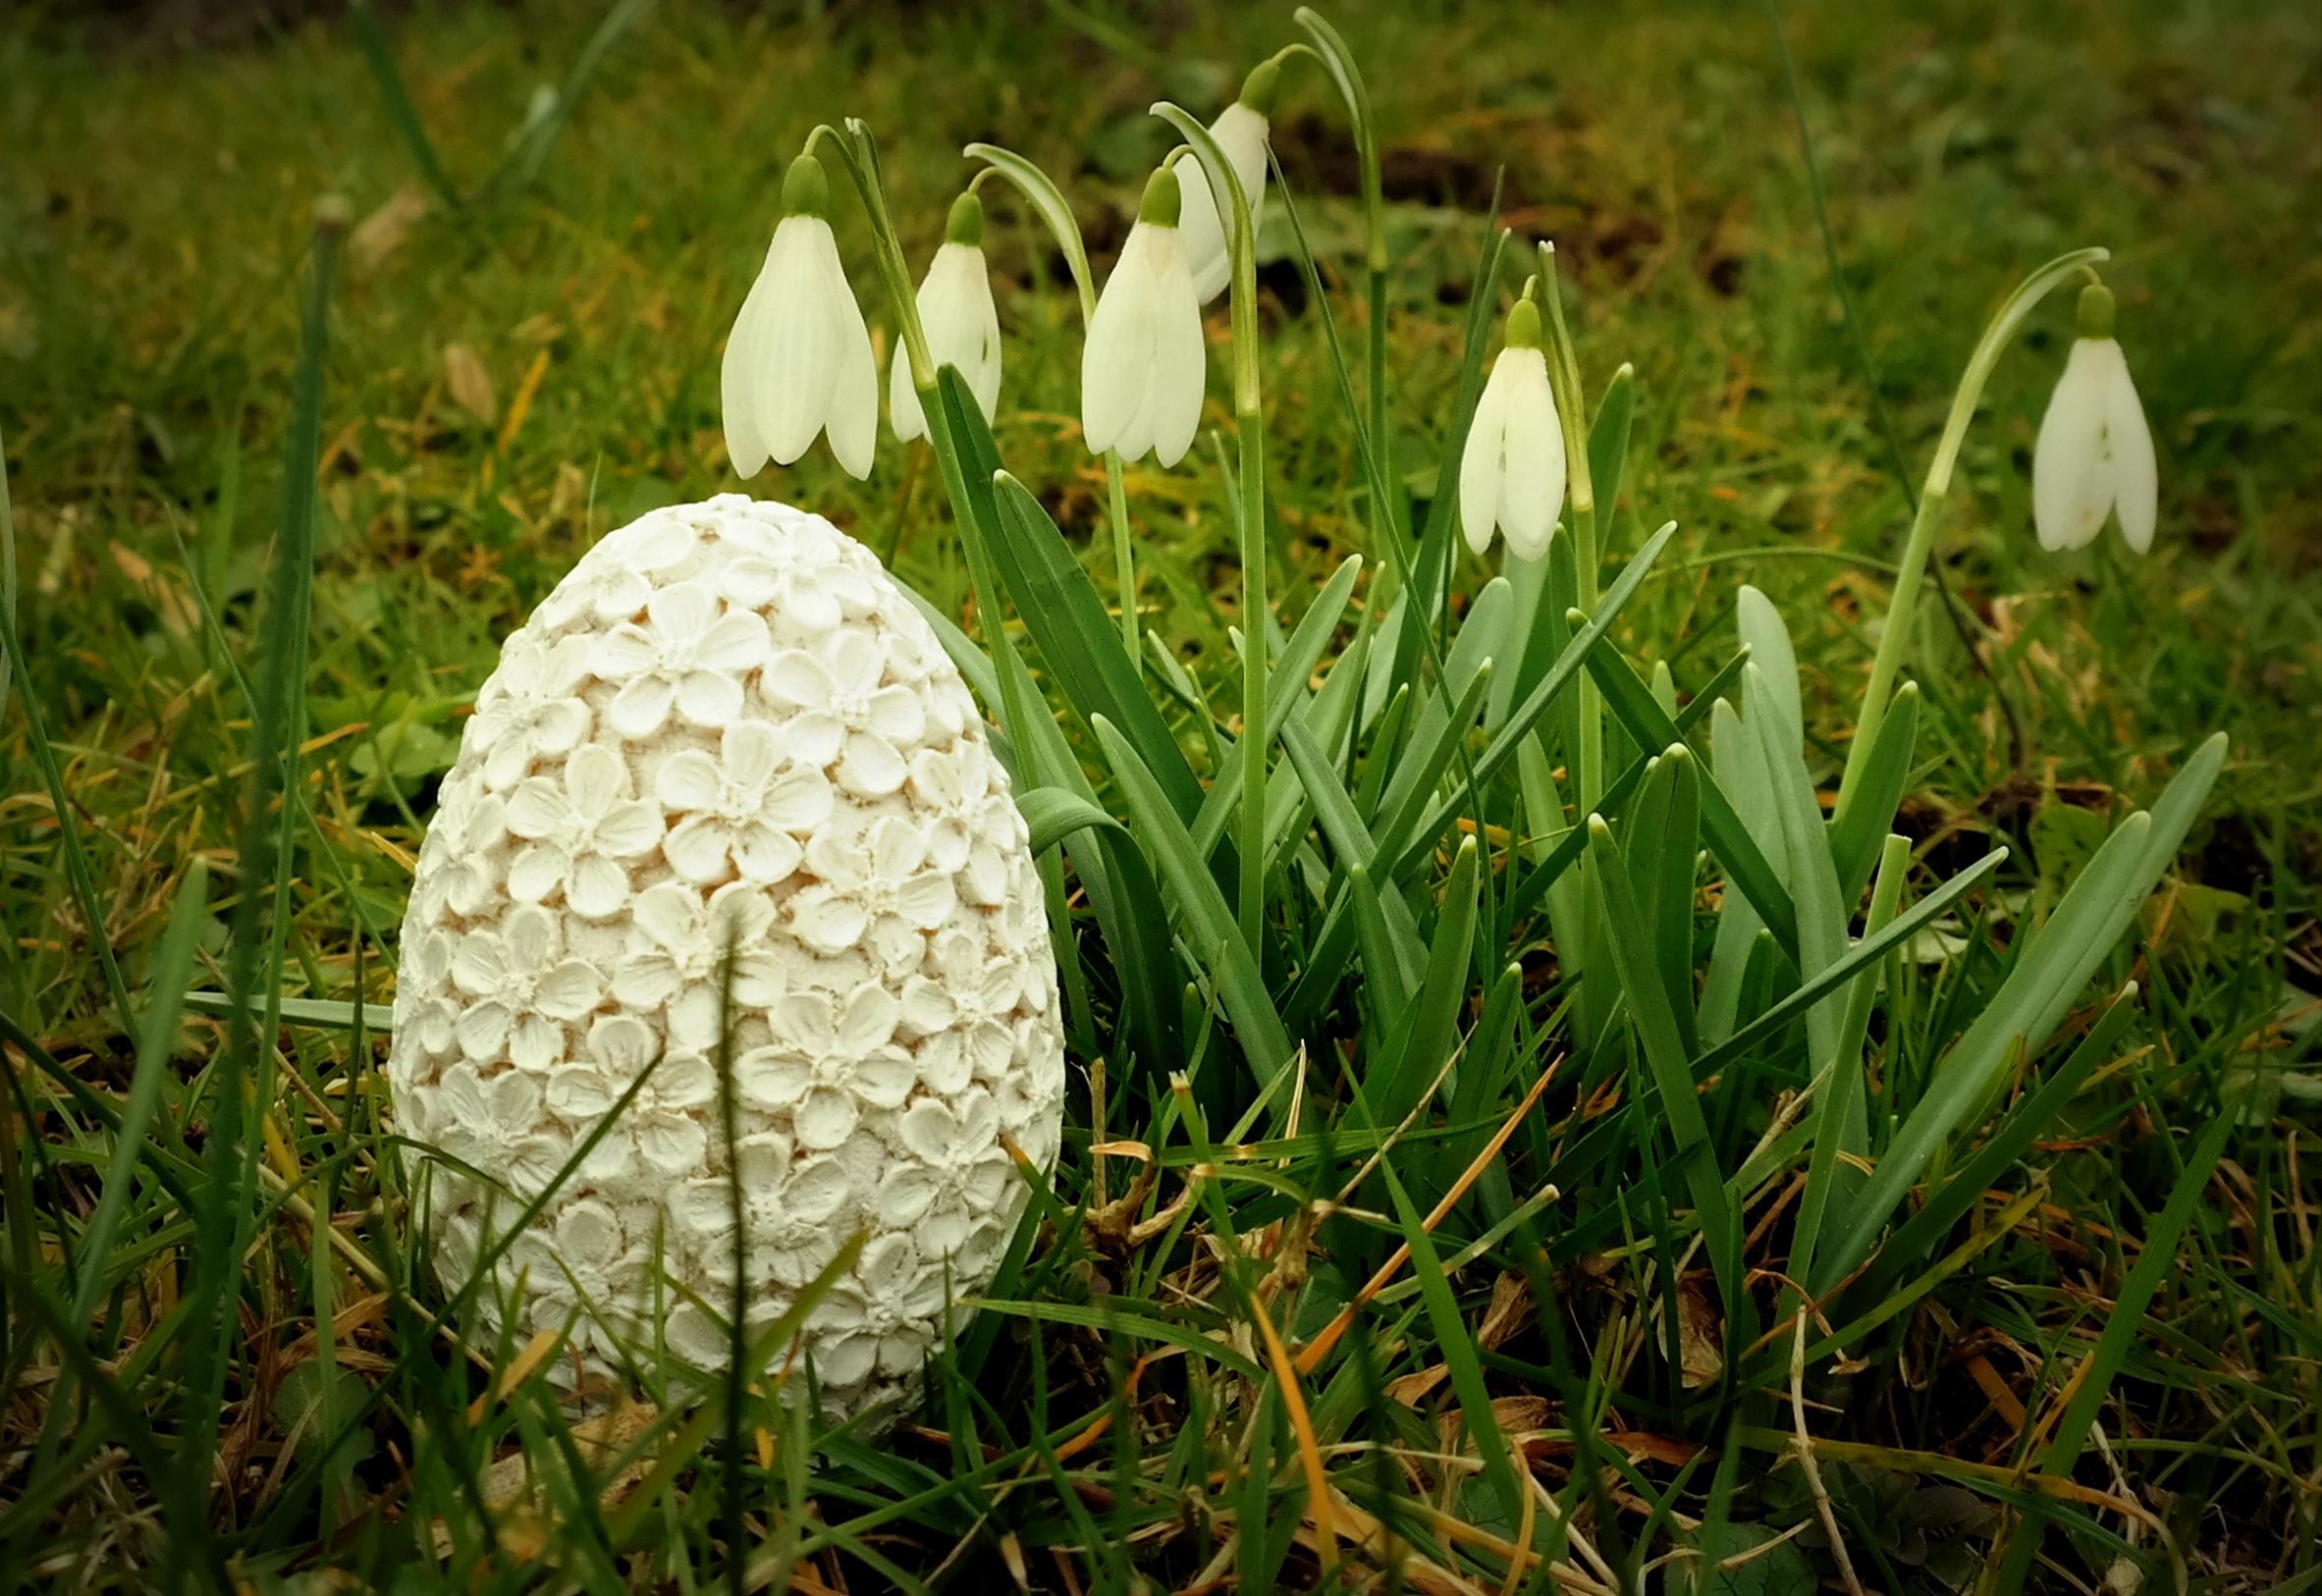 Gratis billeder : græs, græsplæne, eng, blad, blomst, forår, botanik, flora, æg, deco ...